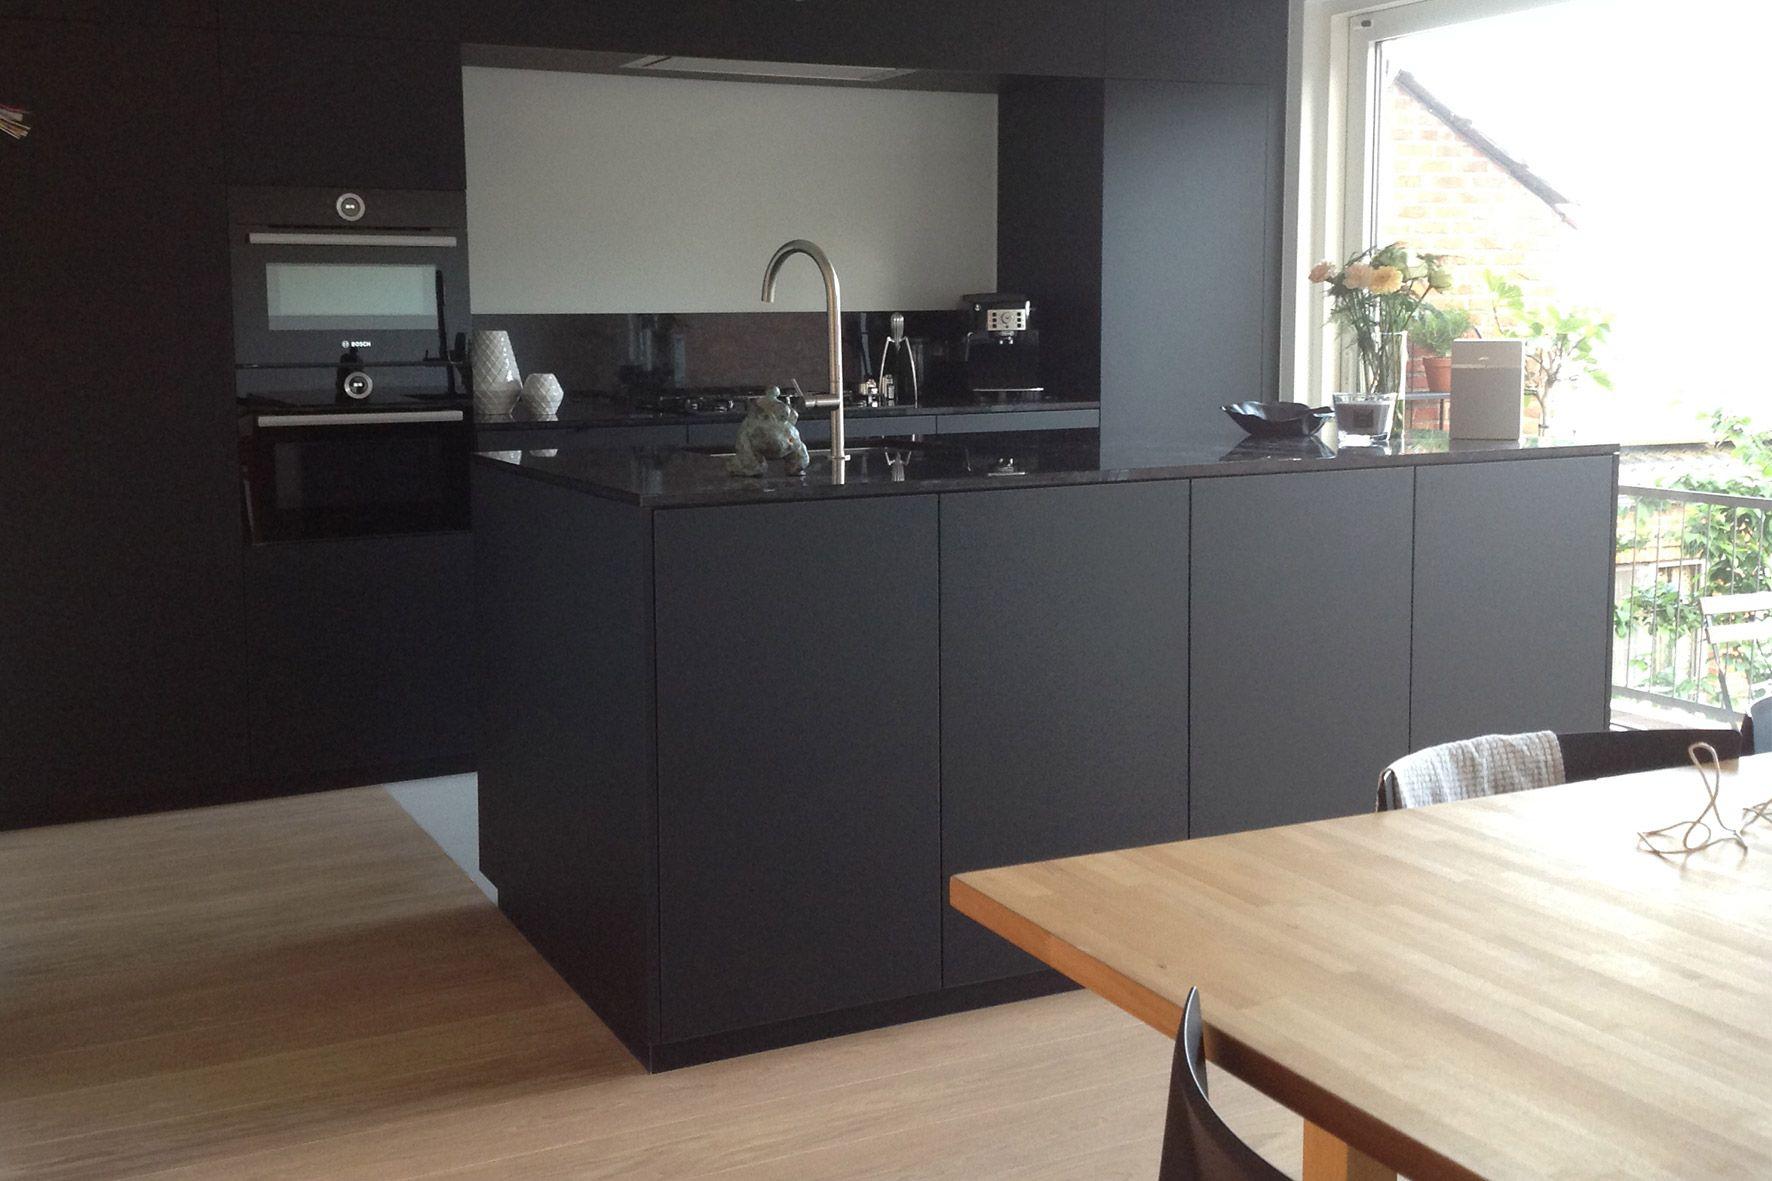 Keuken u laminaat mat zwart met graniet werkblad u flex design